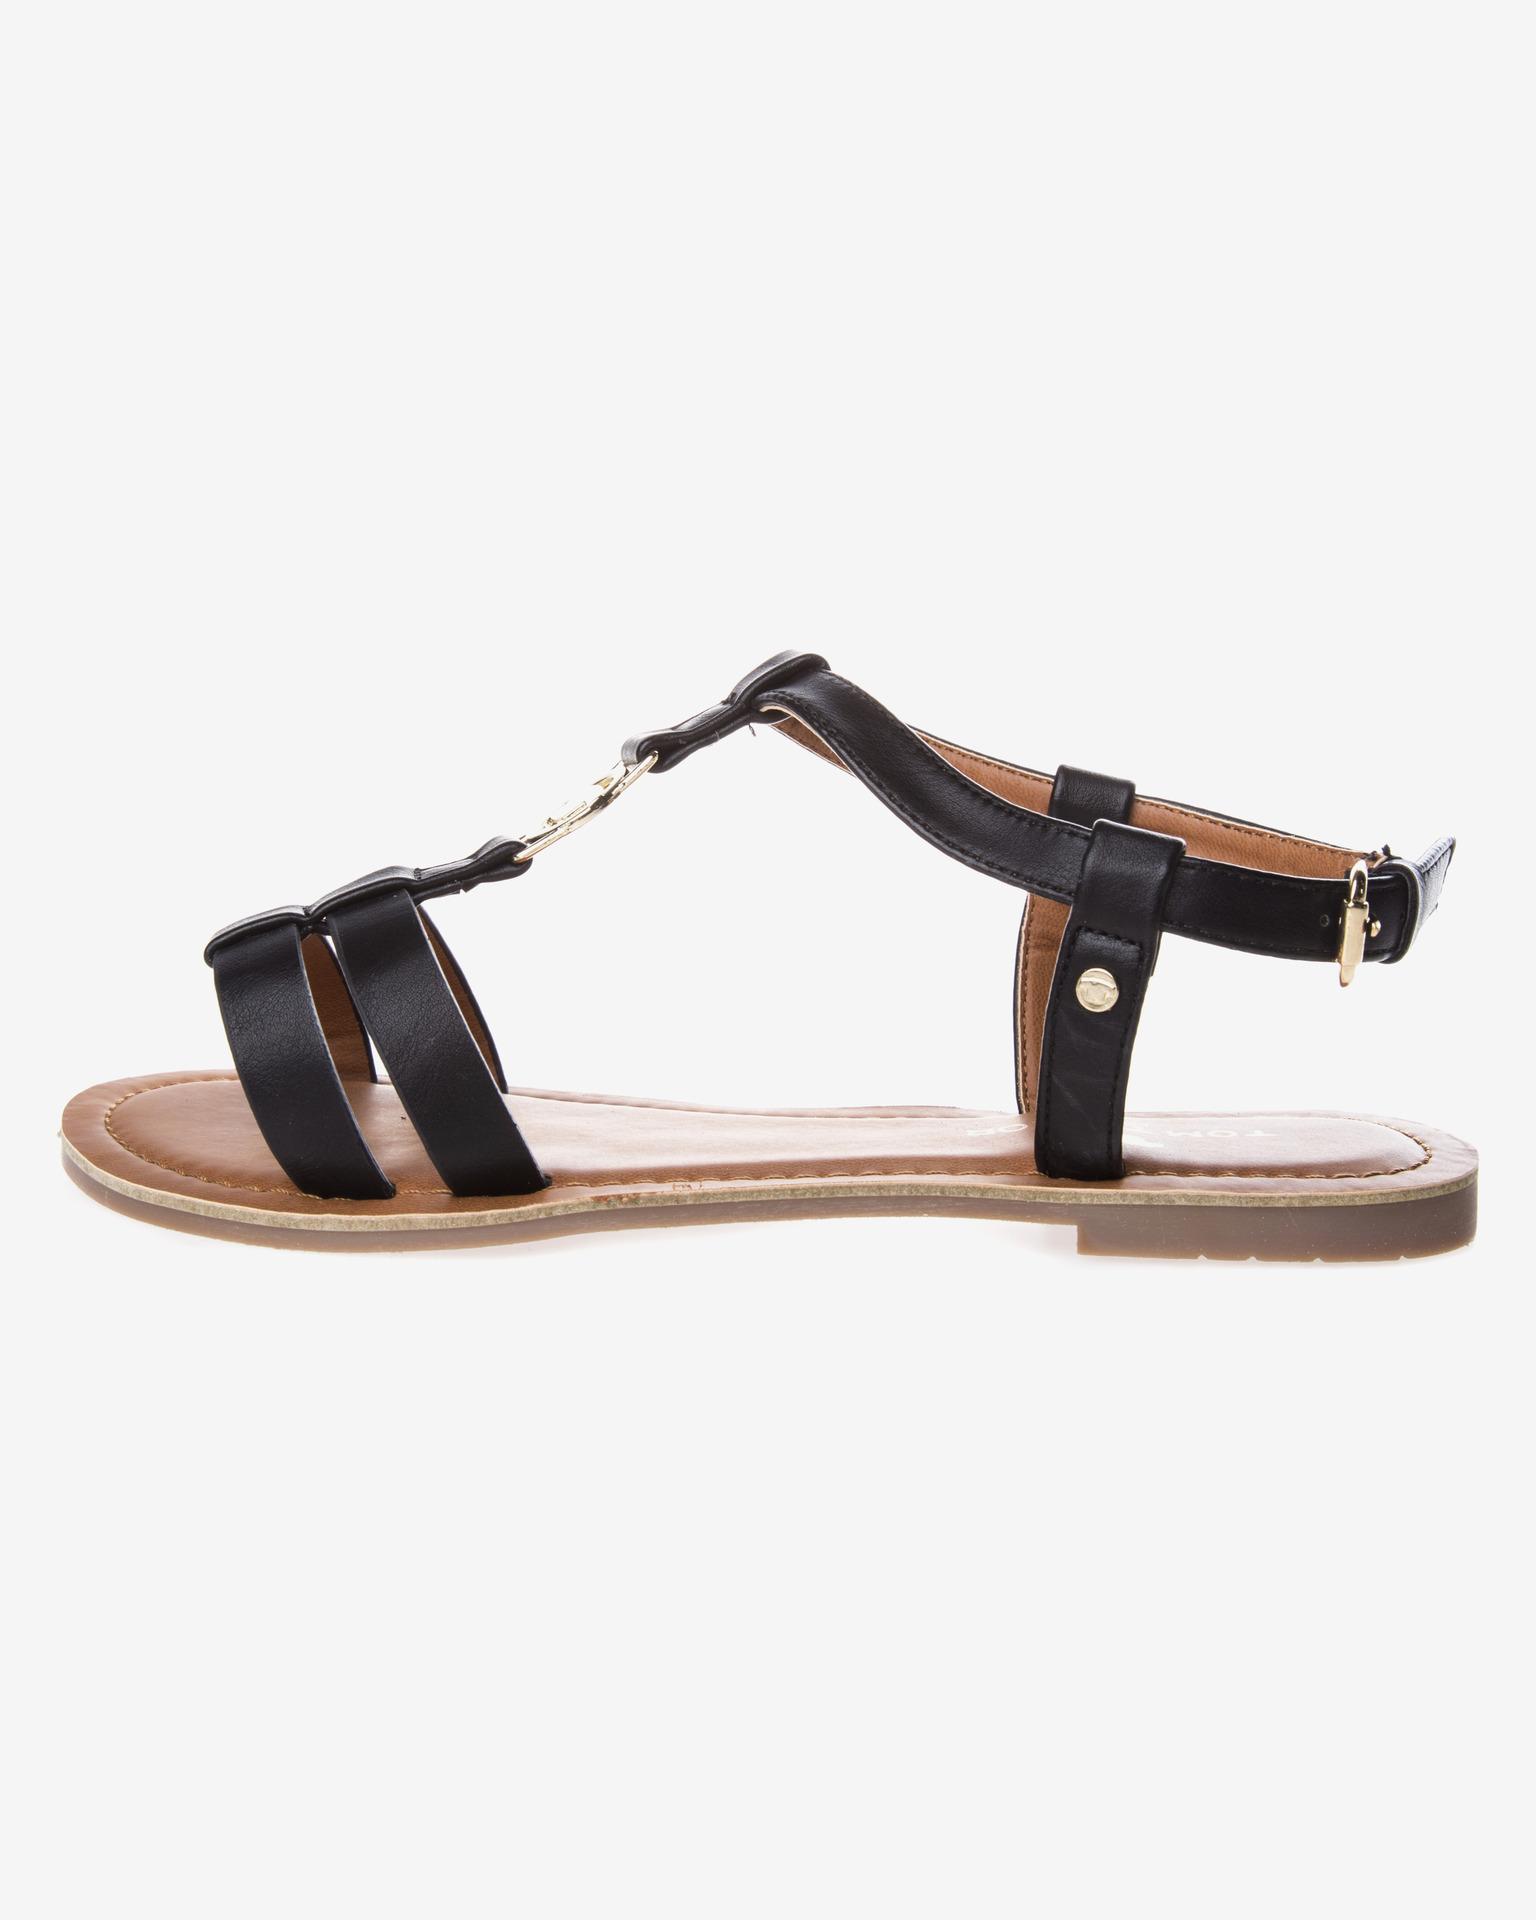 tom tailor sandals. Black Bedroom Furniture Sets. Home Design Ideas